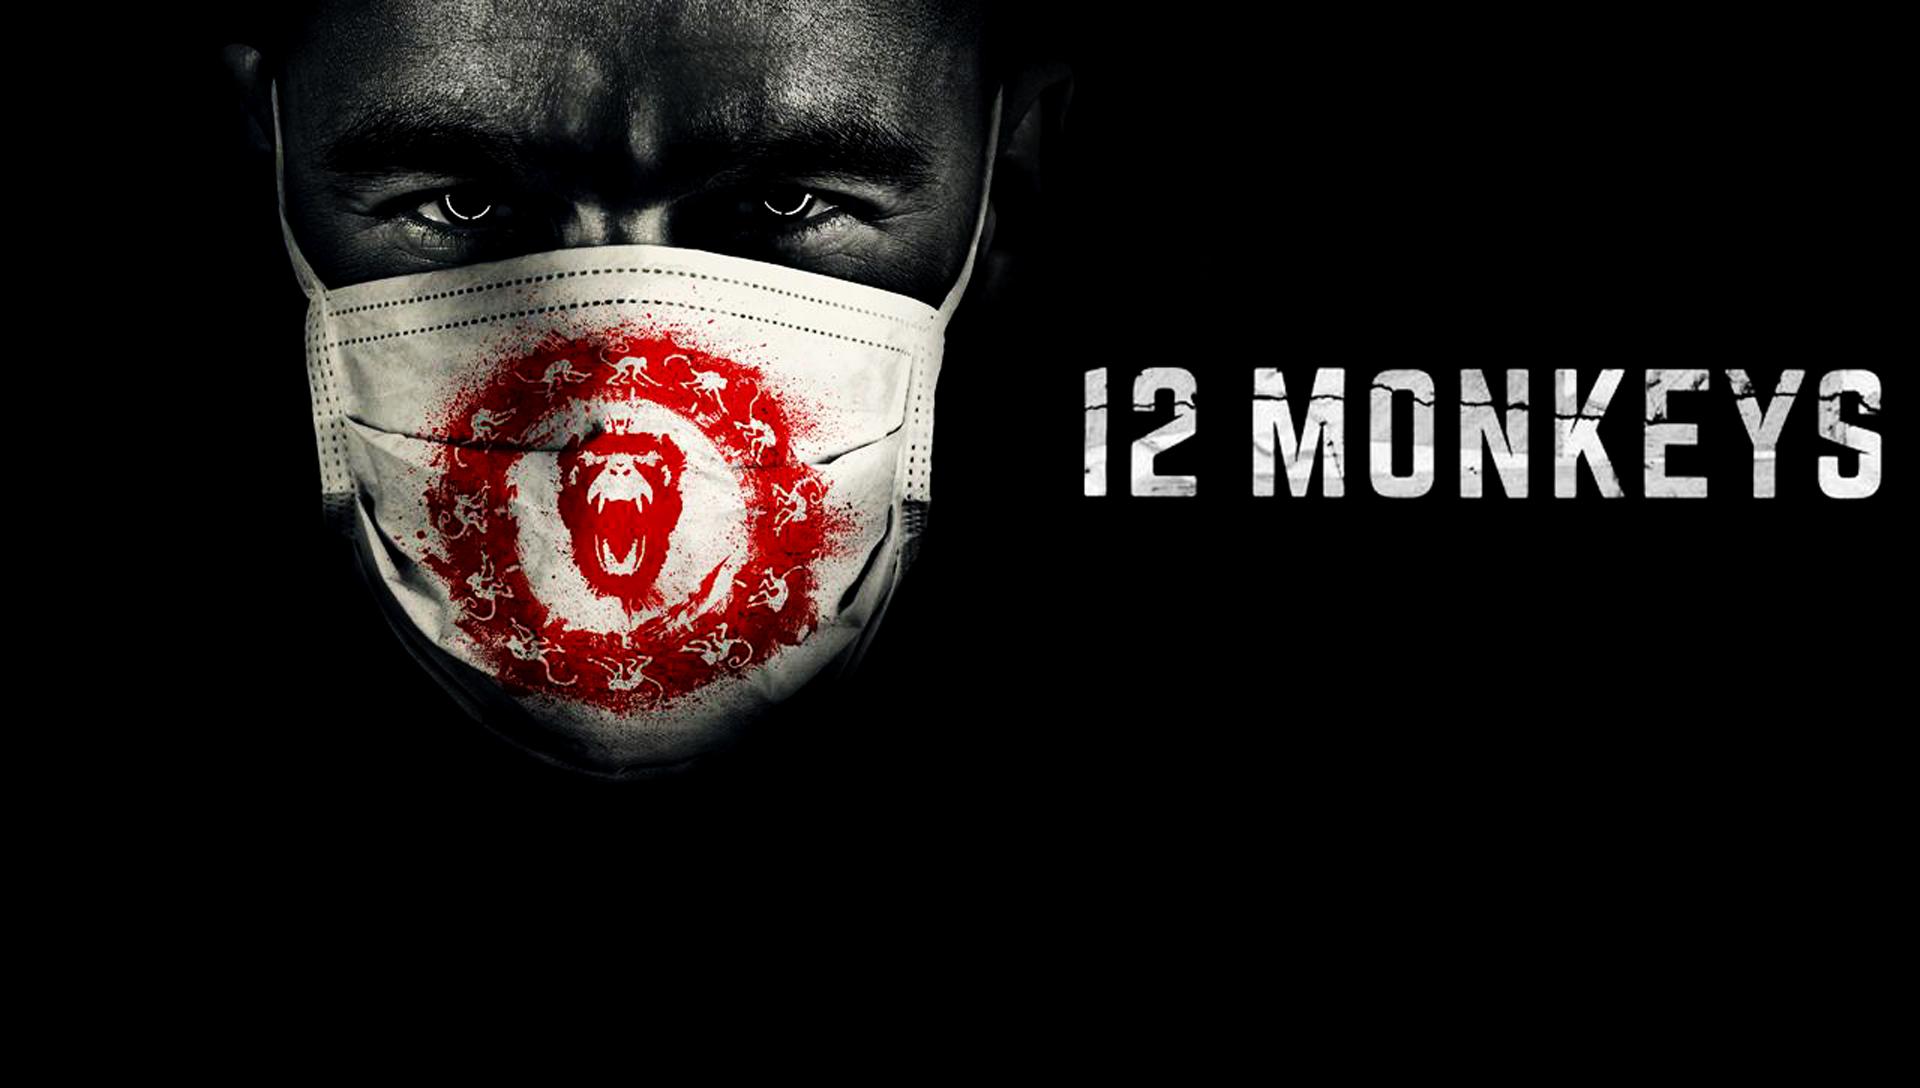 12 Monkeys bei Amazon Video und ab August auf RTL Nitro